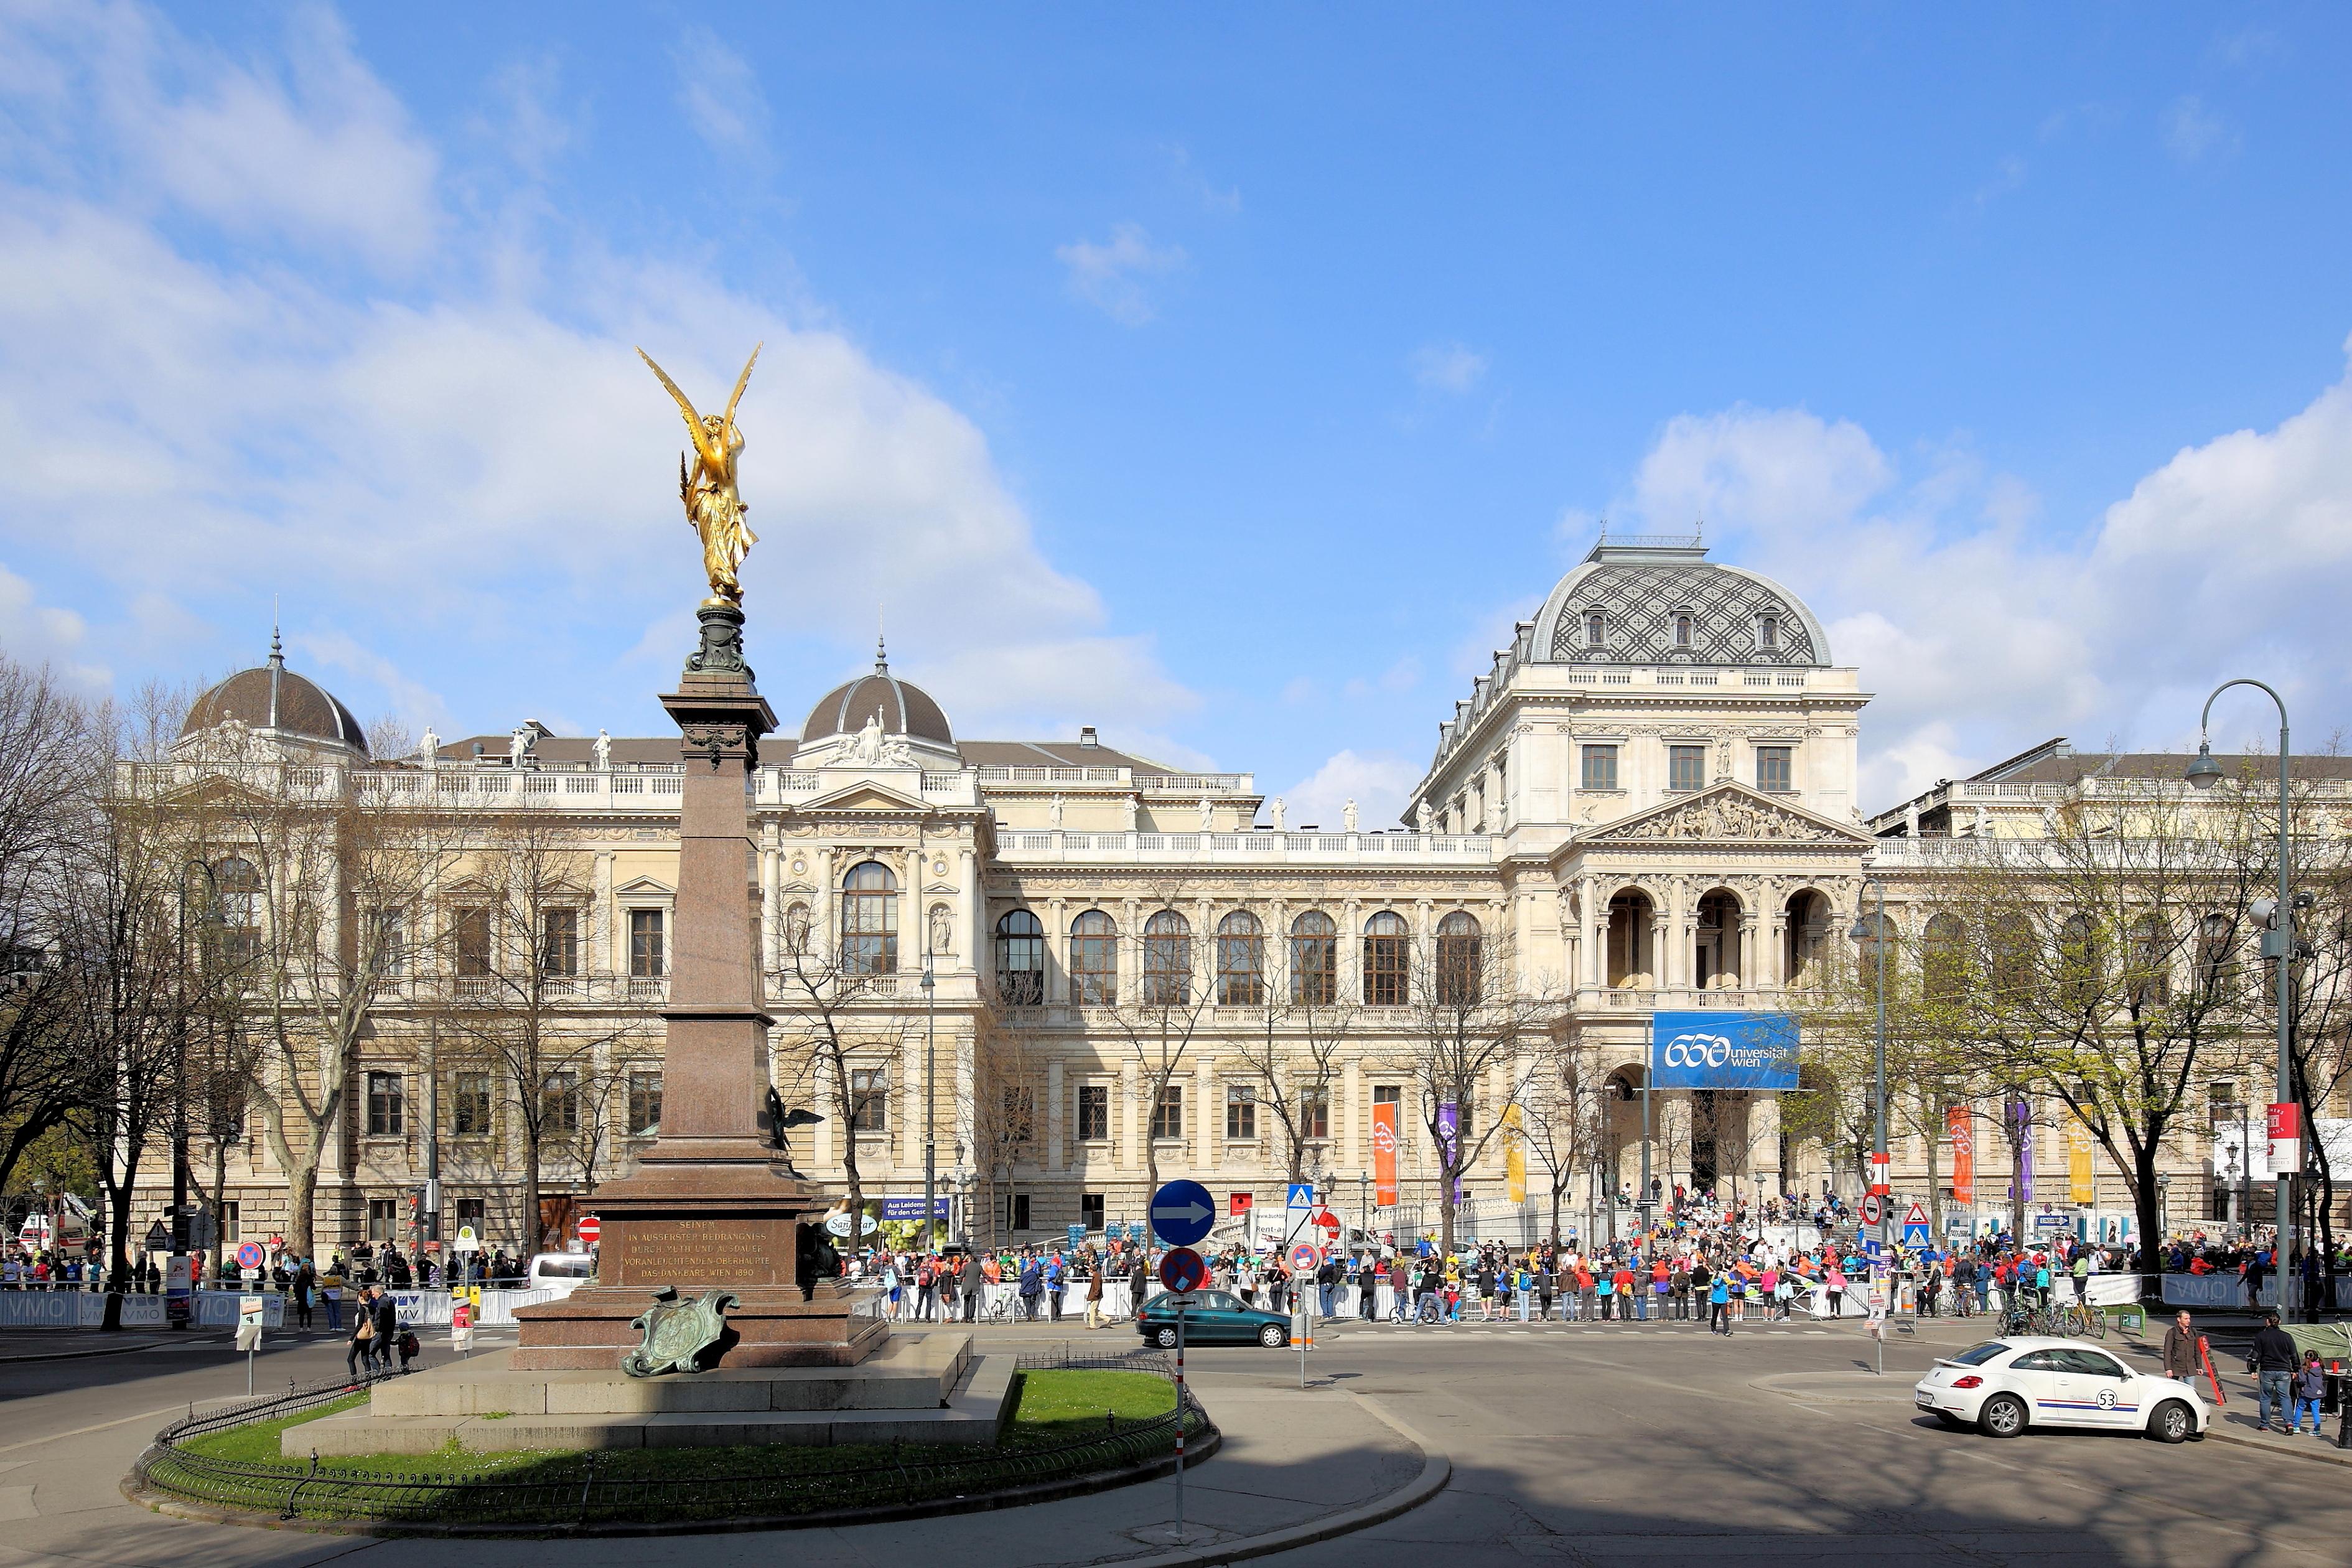 Veja o que saiu no Migalhas sobre Universidade de Viena